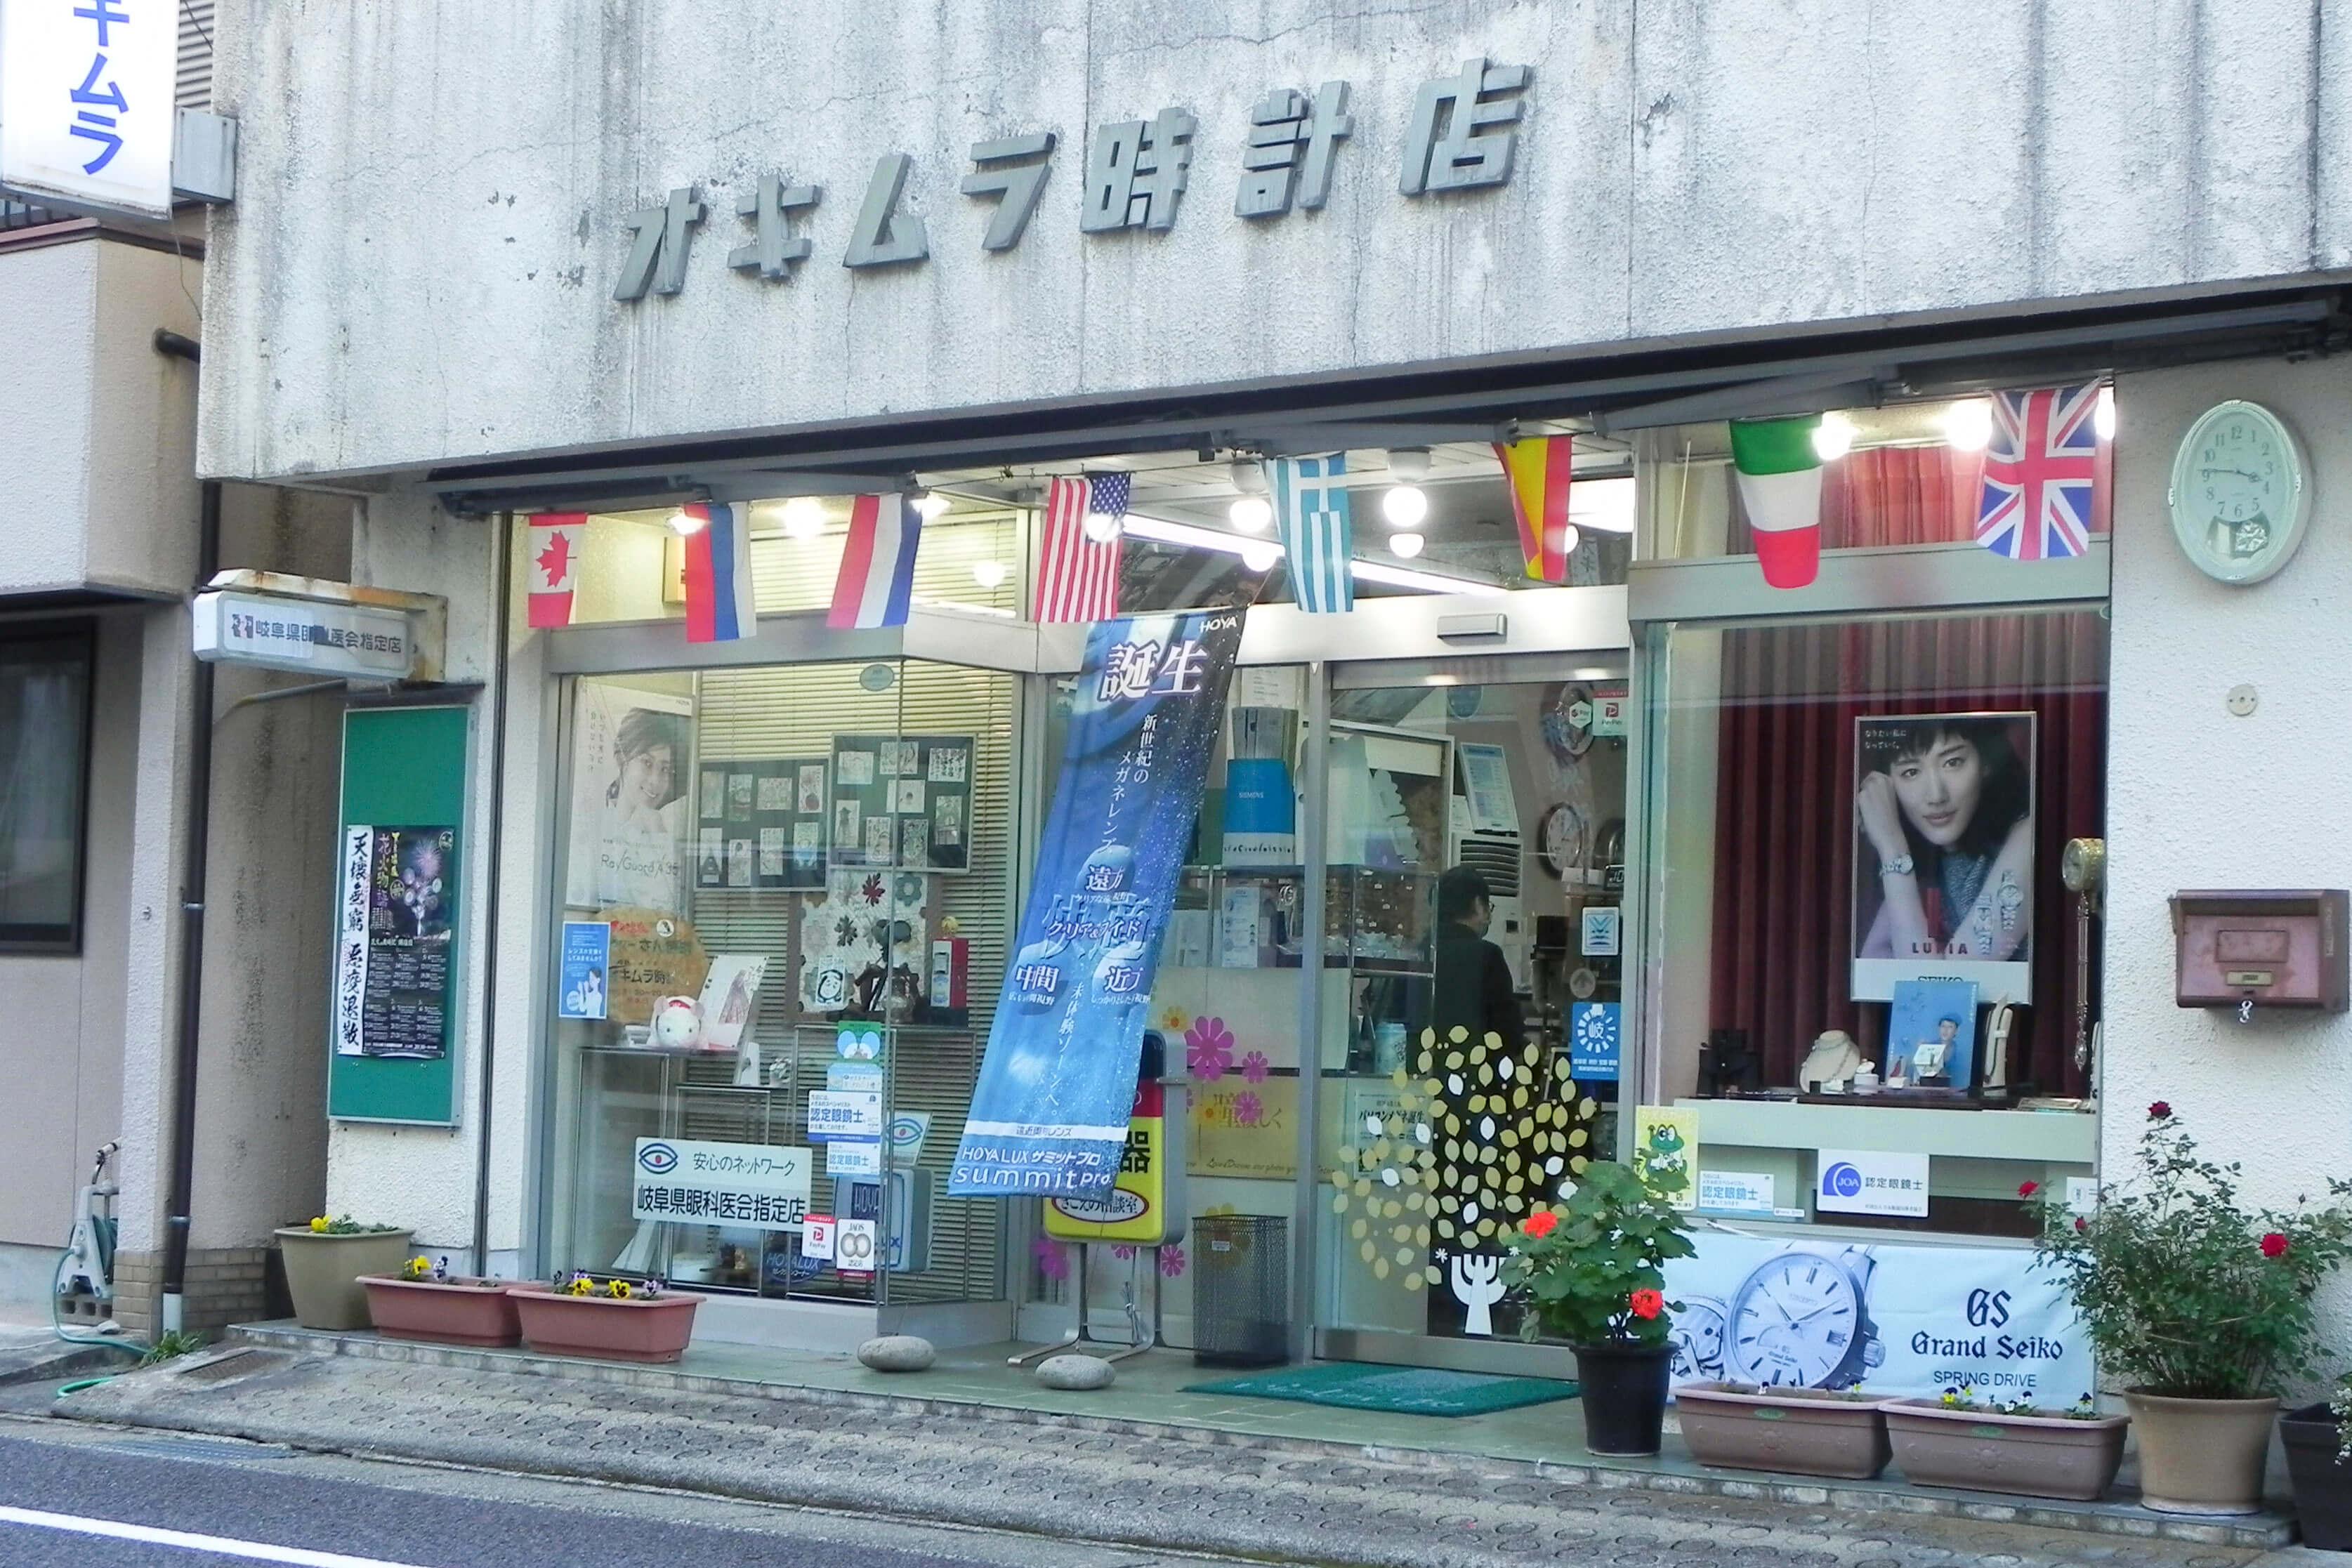 オキムラ時計店 外観